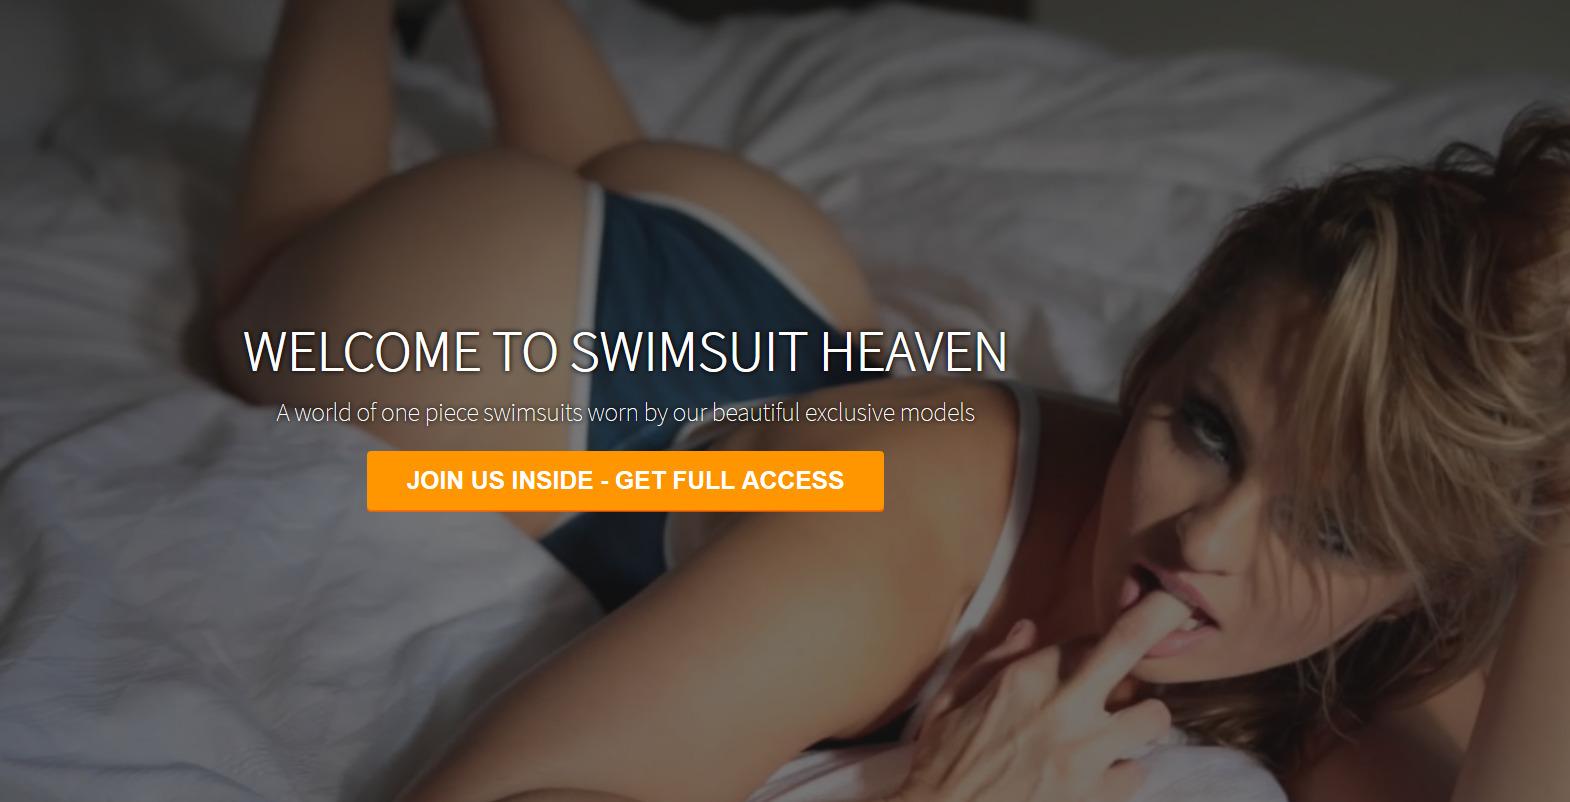 https://passwordslive.com/wp-content/uploads/2019/06/swimsuit-heaven.com-gqeWcVipbqxVpdVeIraznkhP.jpg password example